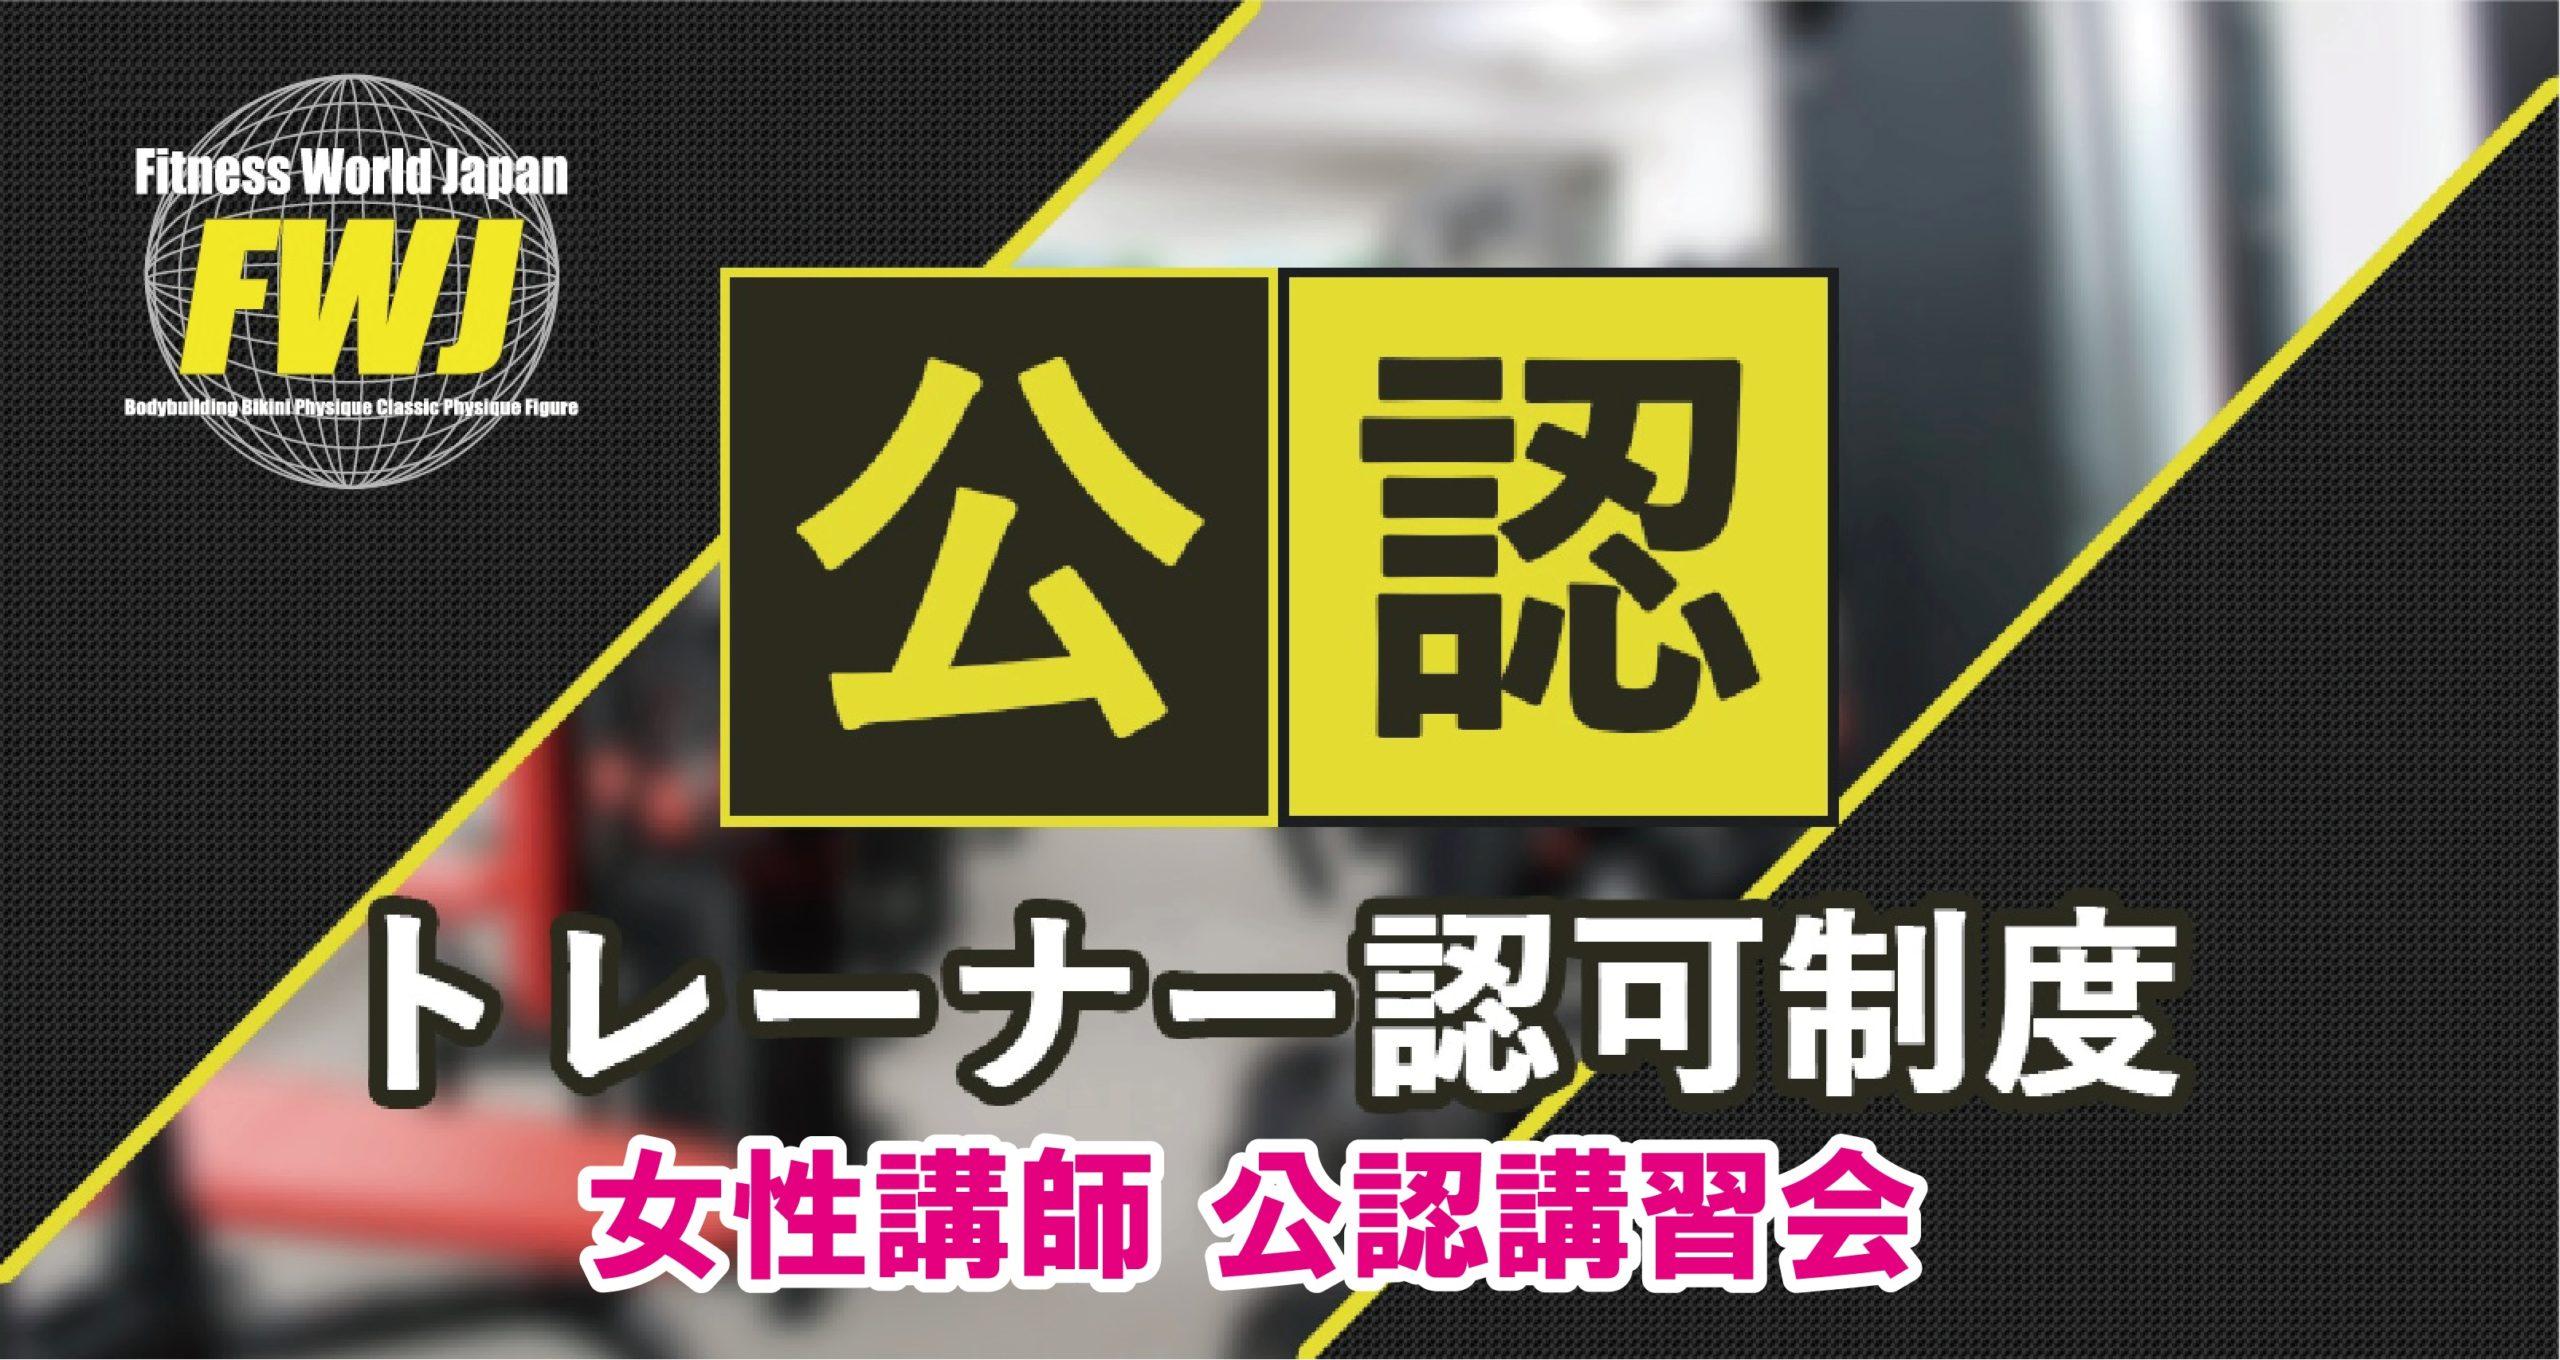 FWJ 公認ポージング講師取得講習会(女性部門)開催のお知らせ 7/25